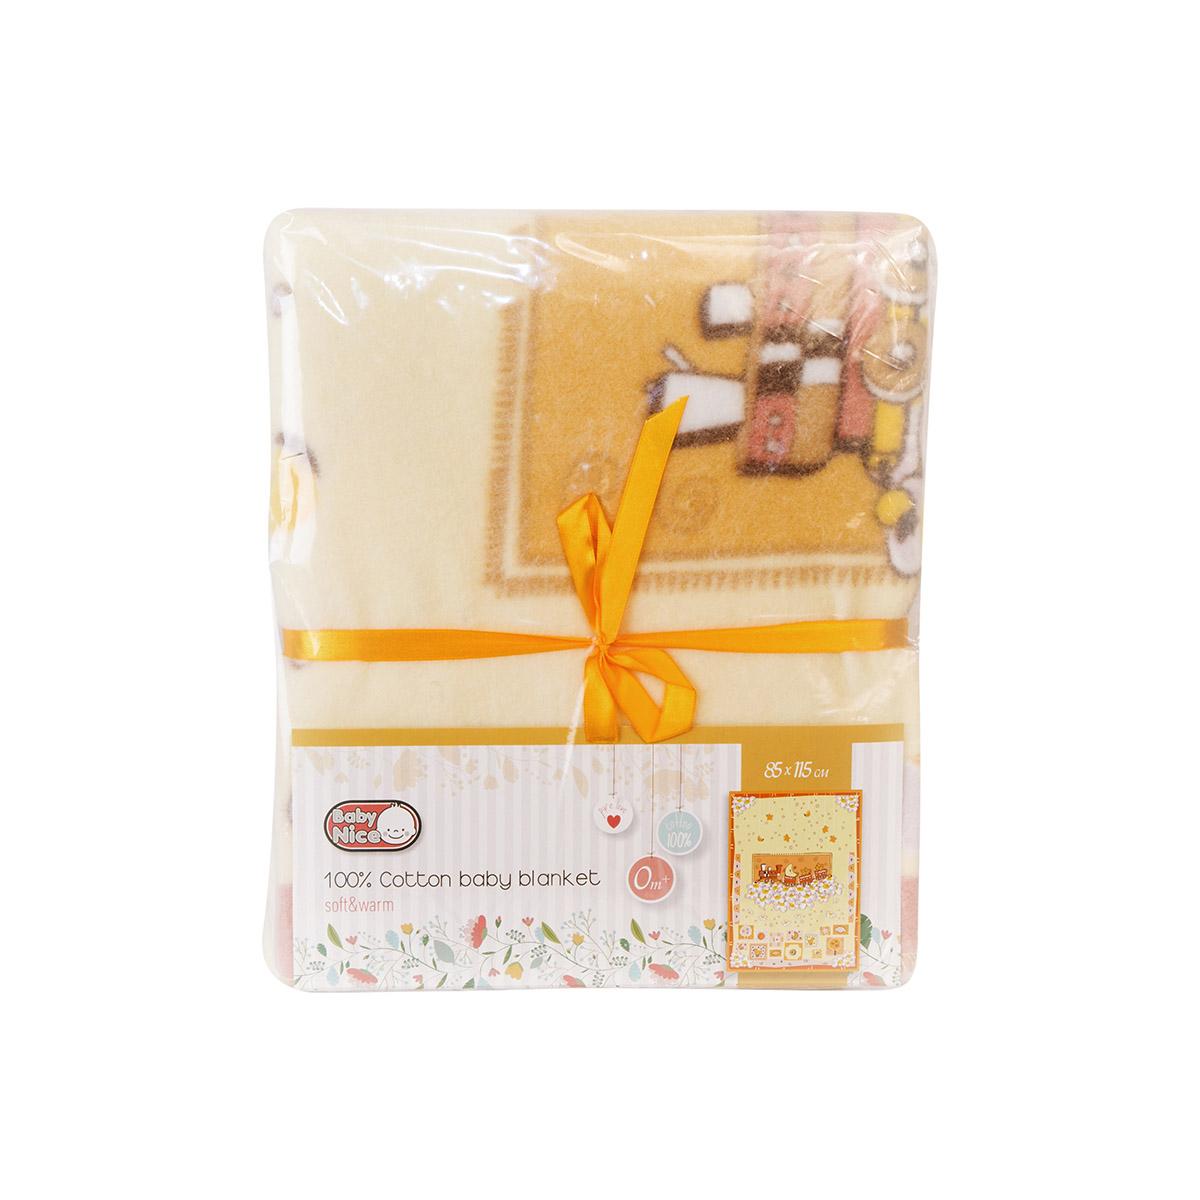 Одеяло Baby Nice байковое 100% хлопок 85х115 Паровозик (салатовый, бежевый) (Baby nice)